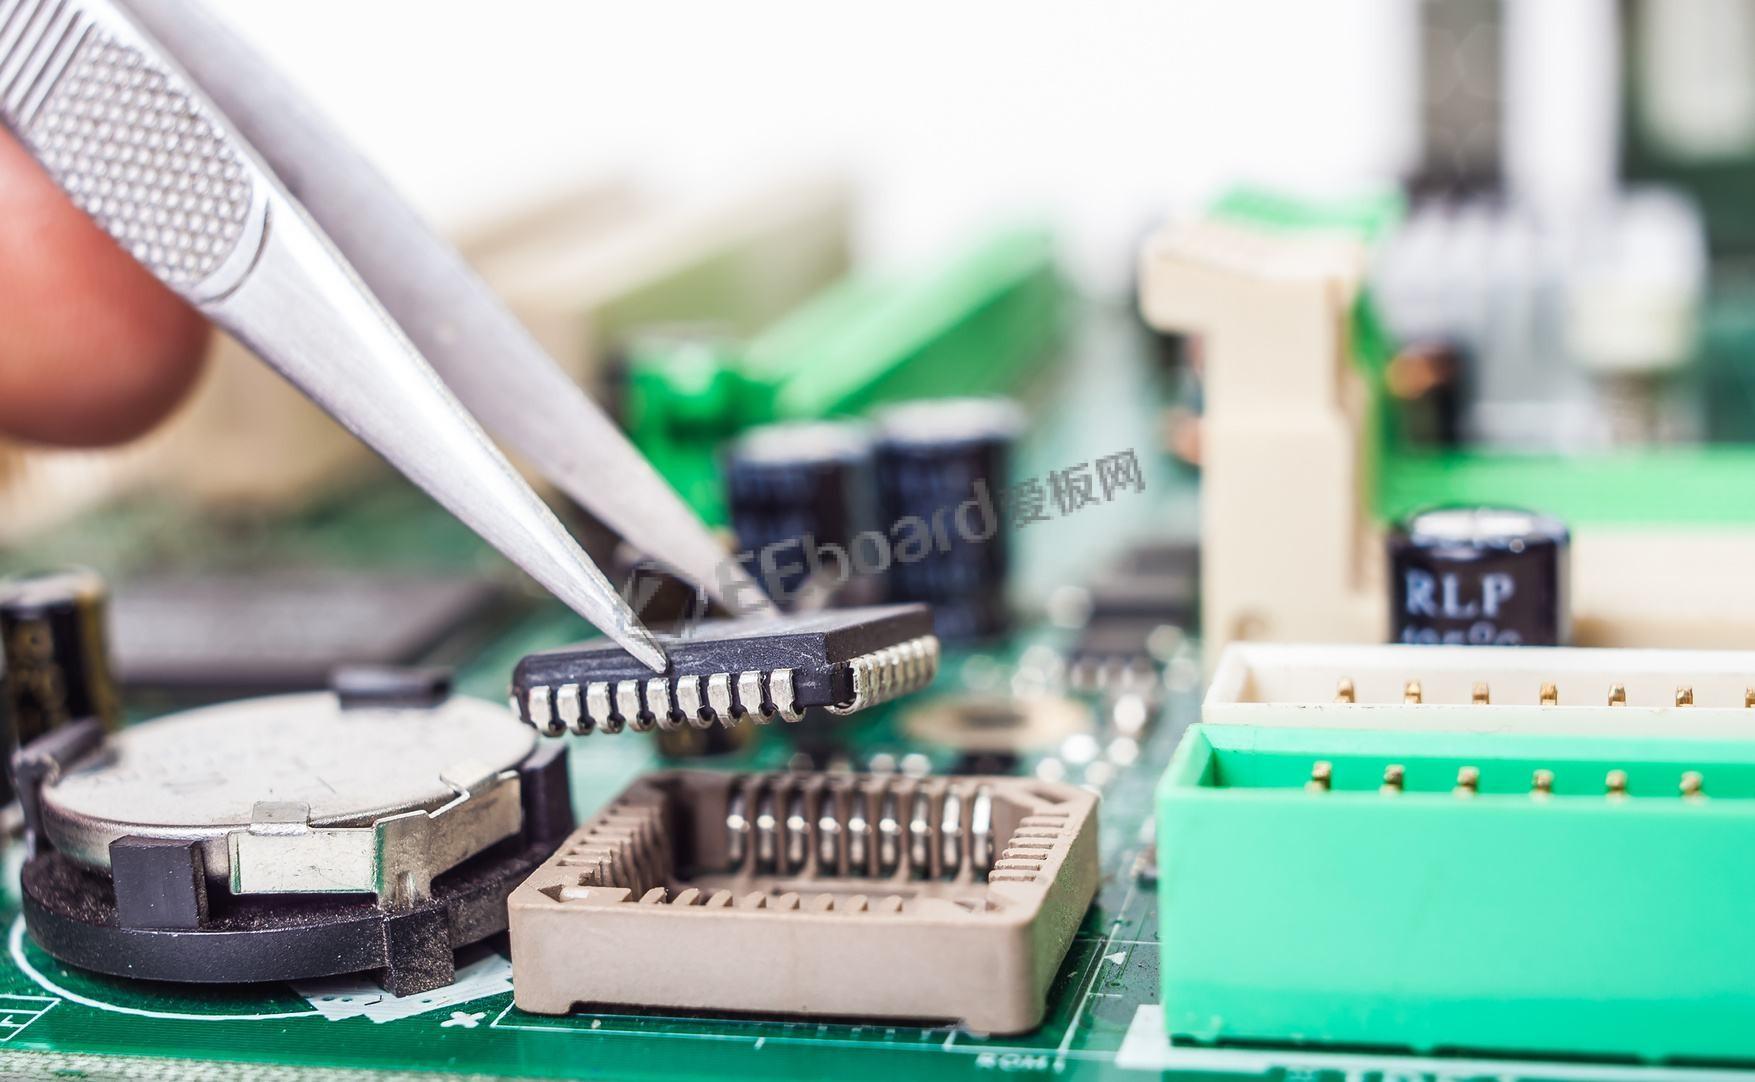 三星1160亿美元投资芯片业务 代工领域将追赶台积电